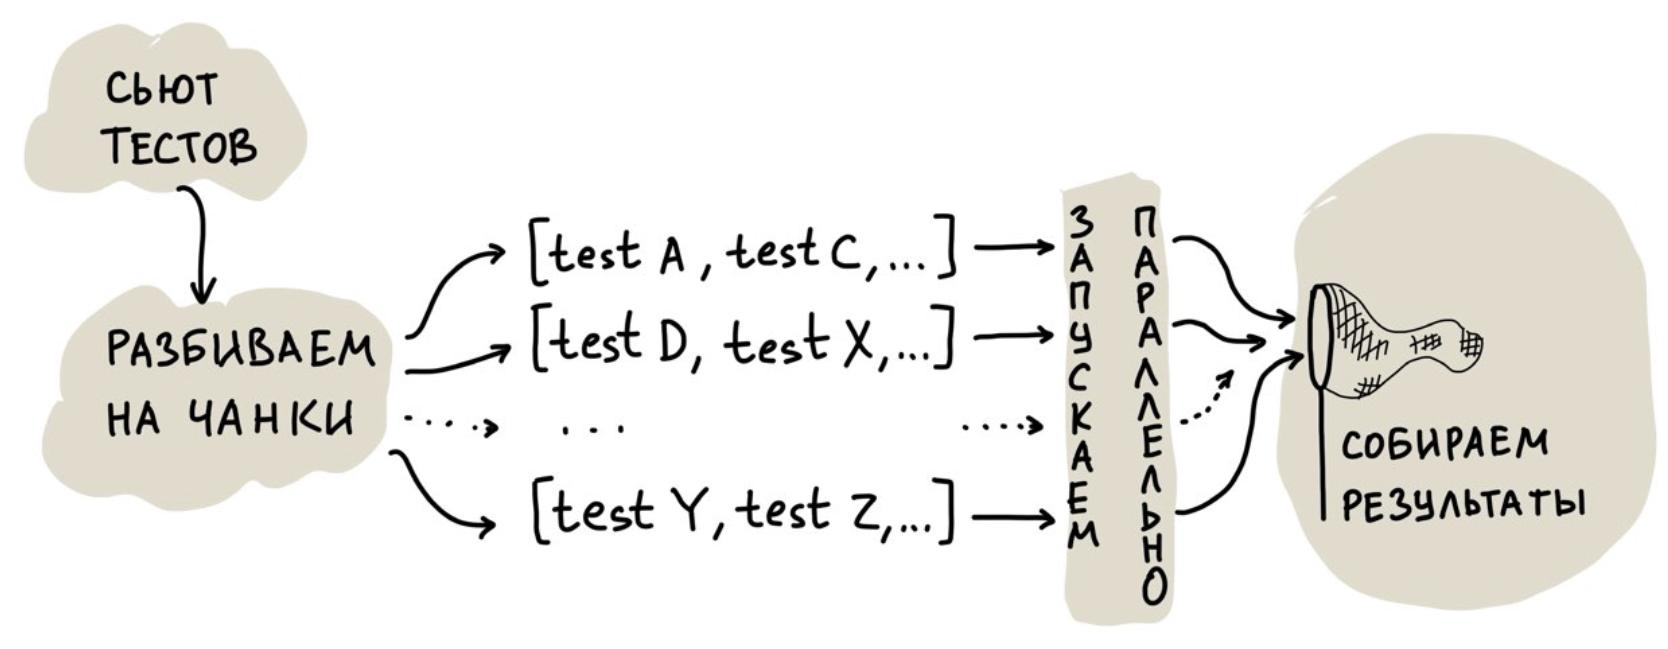 Монолит для сотен версий клиентов: как мы пишем и поддерживаем тесты